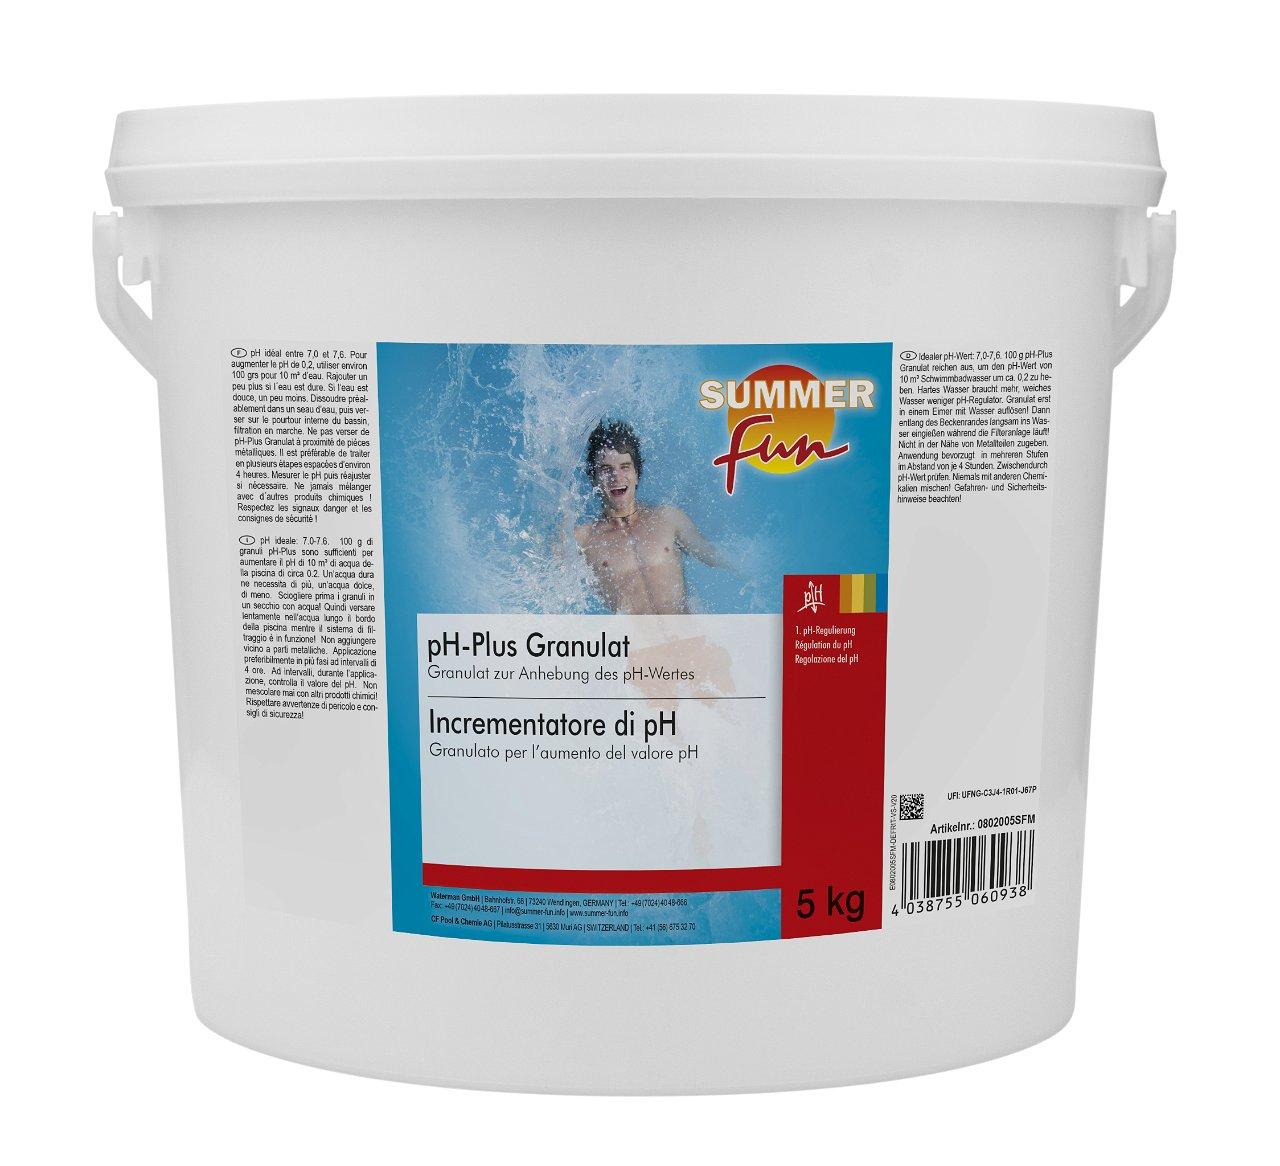 SummerFun pH - plus 5 kg